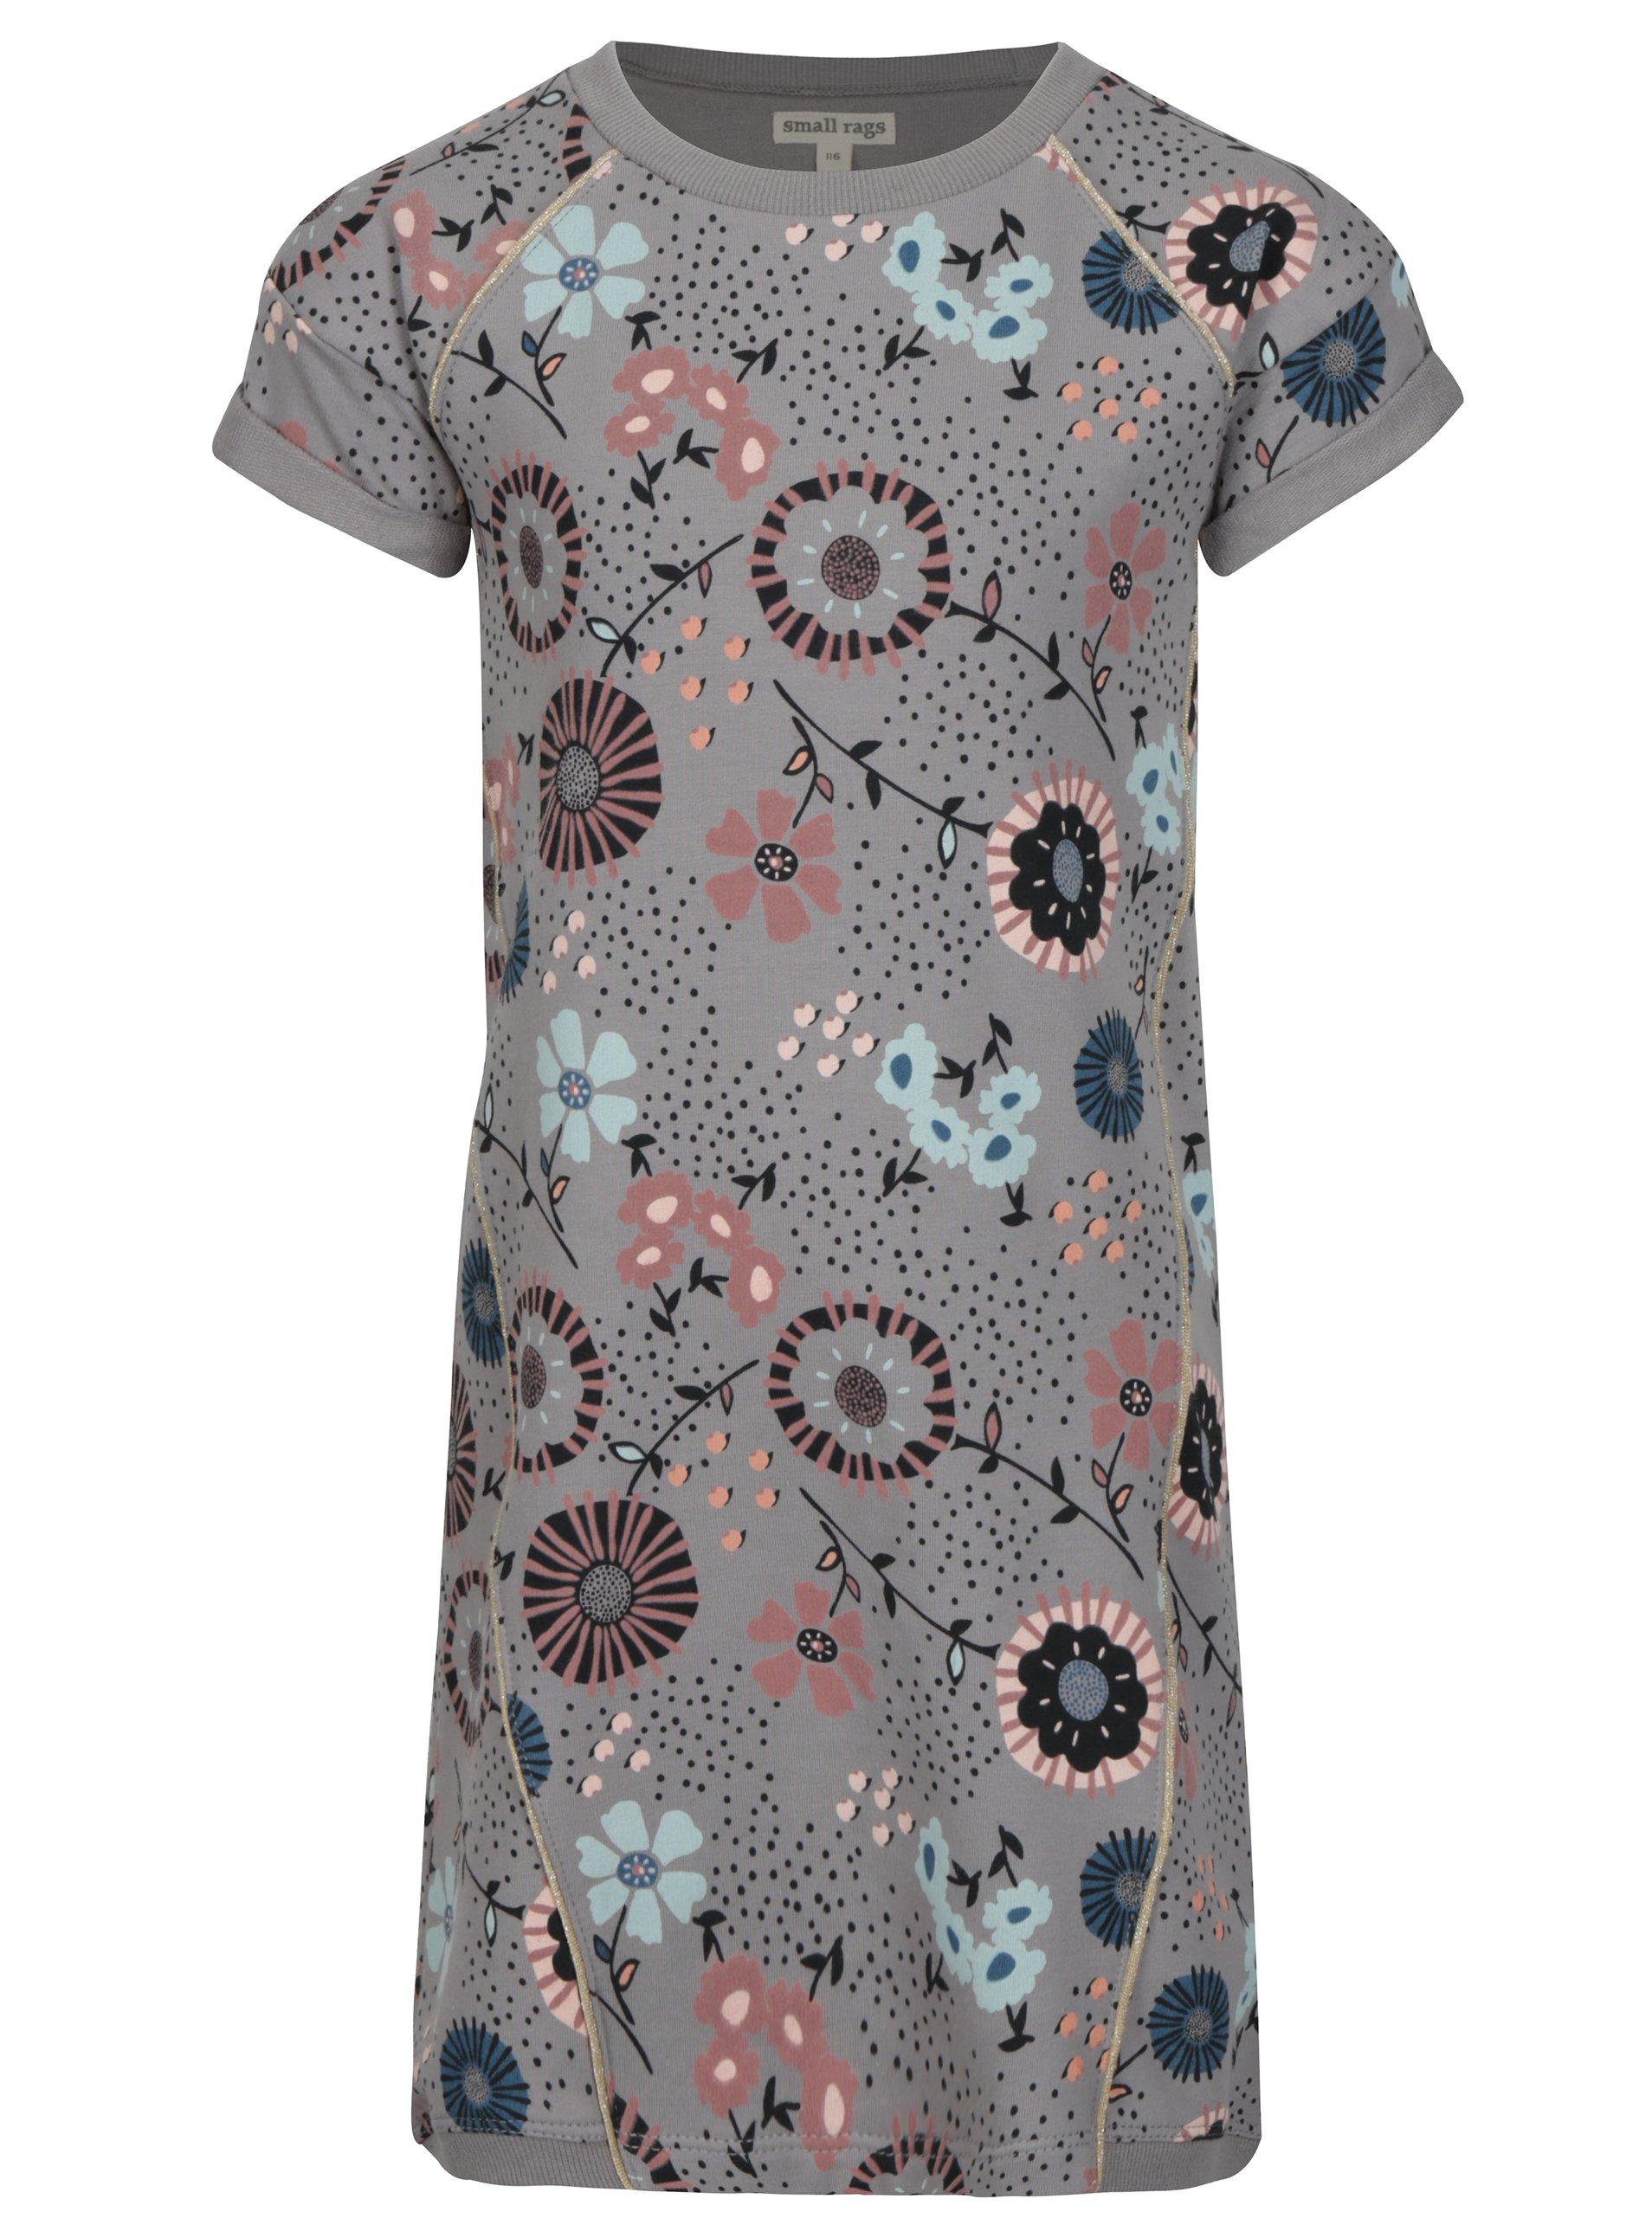 Šedé vzorované holčičí mikinové šaty small rags Gerda